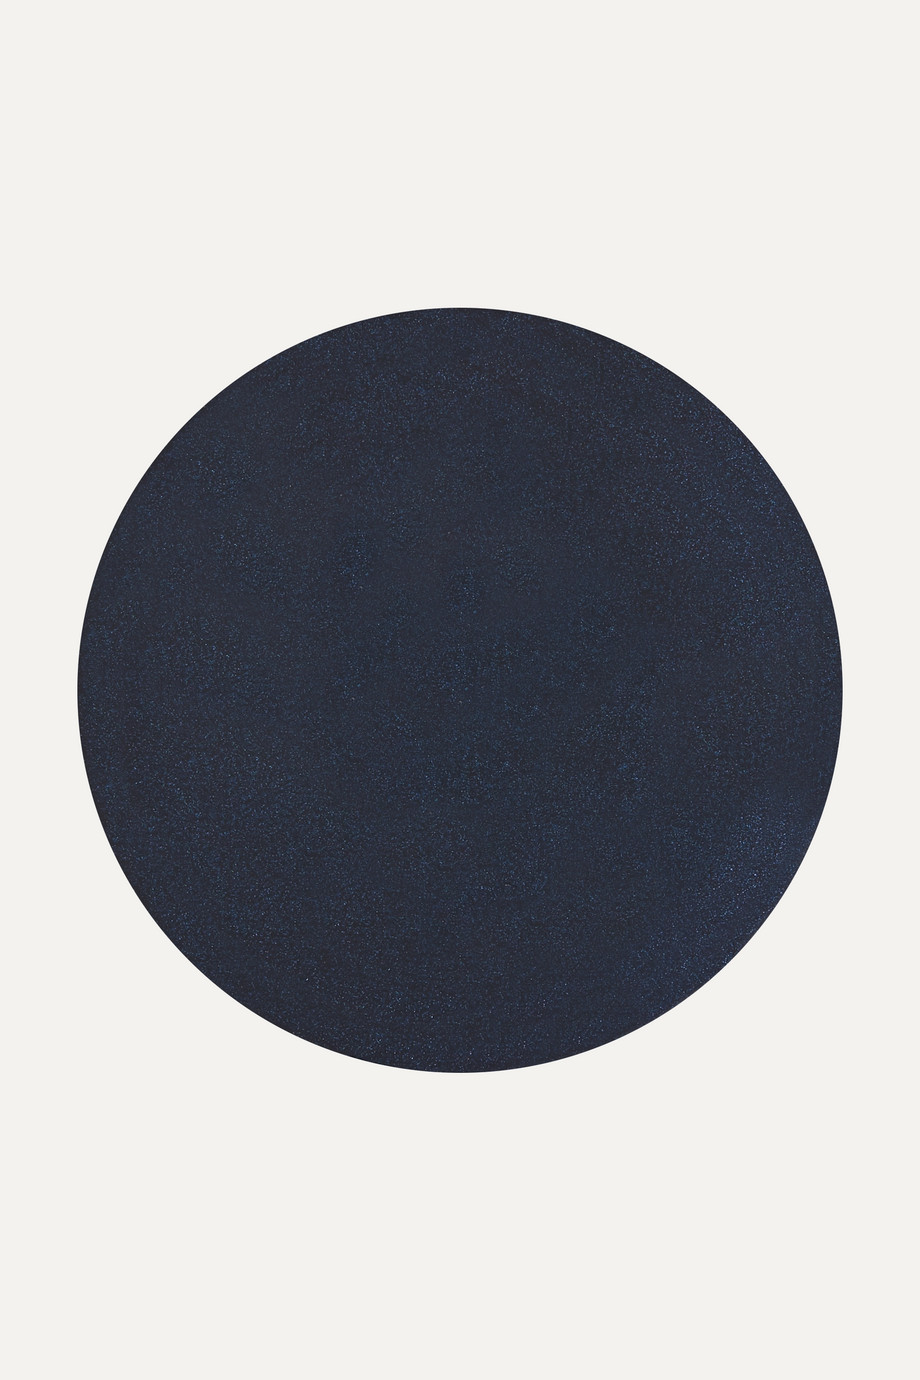 Kjaer Weis Cream Eye Shadow - Enticing